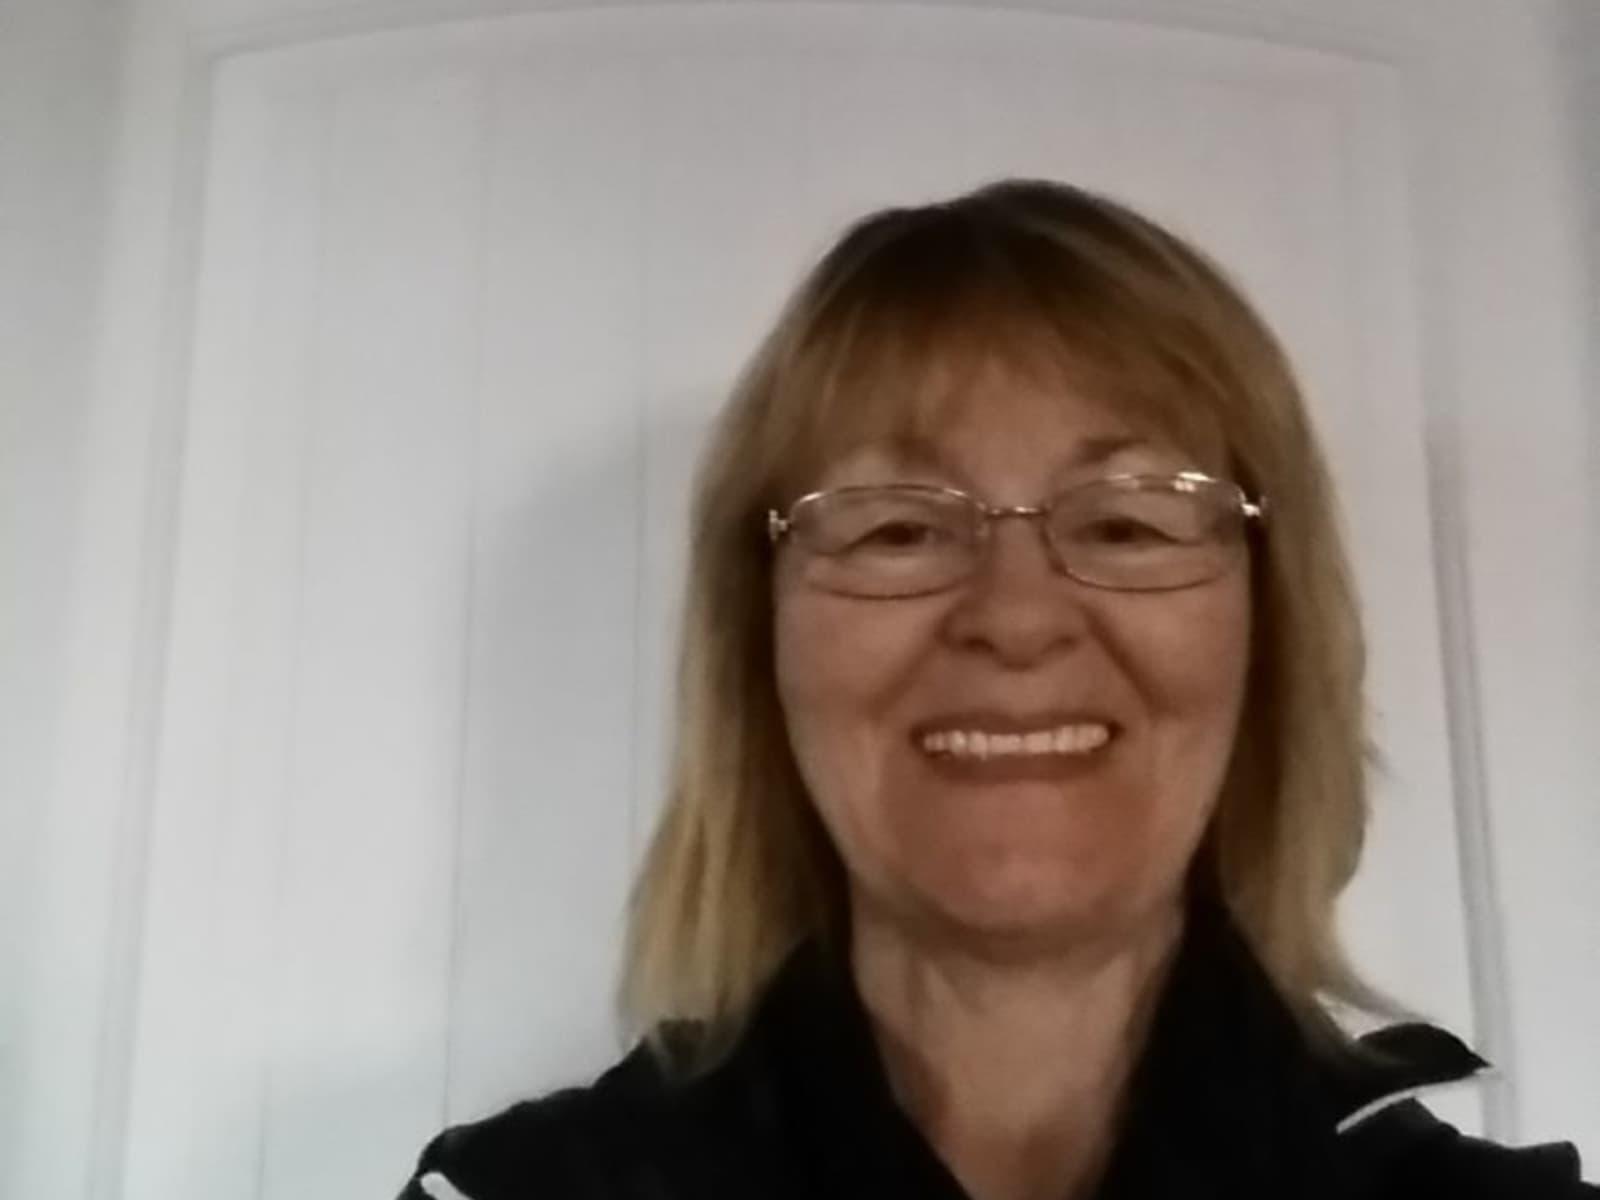 Suzanne from Parrsboro, Nova Scotia, Canada